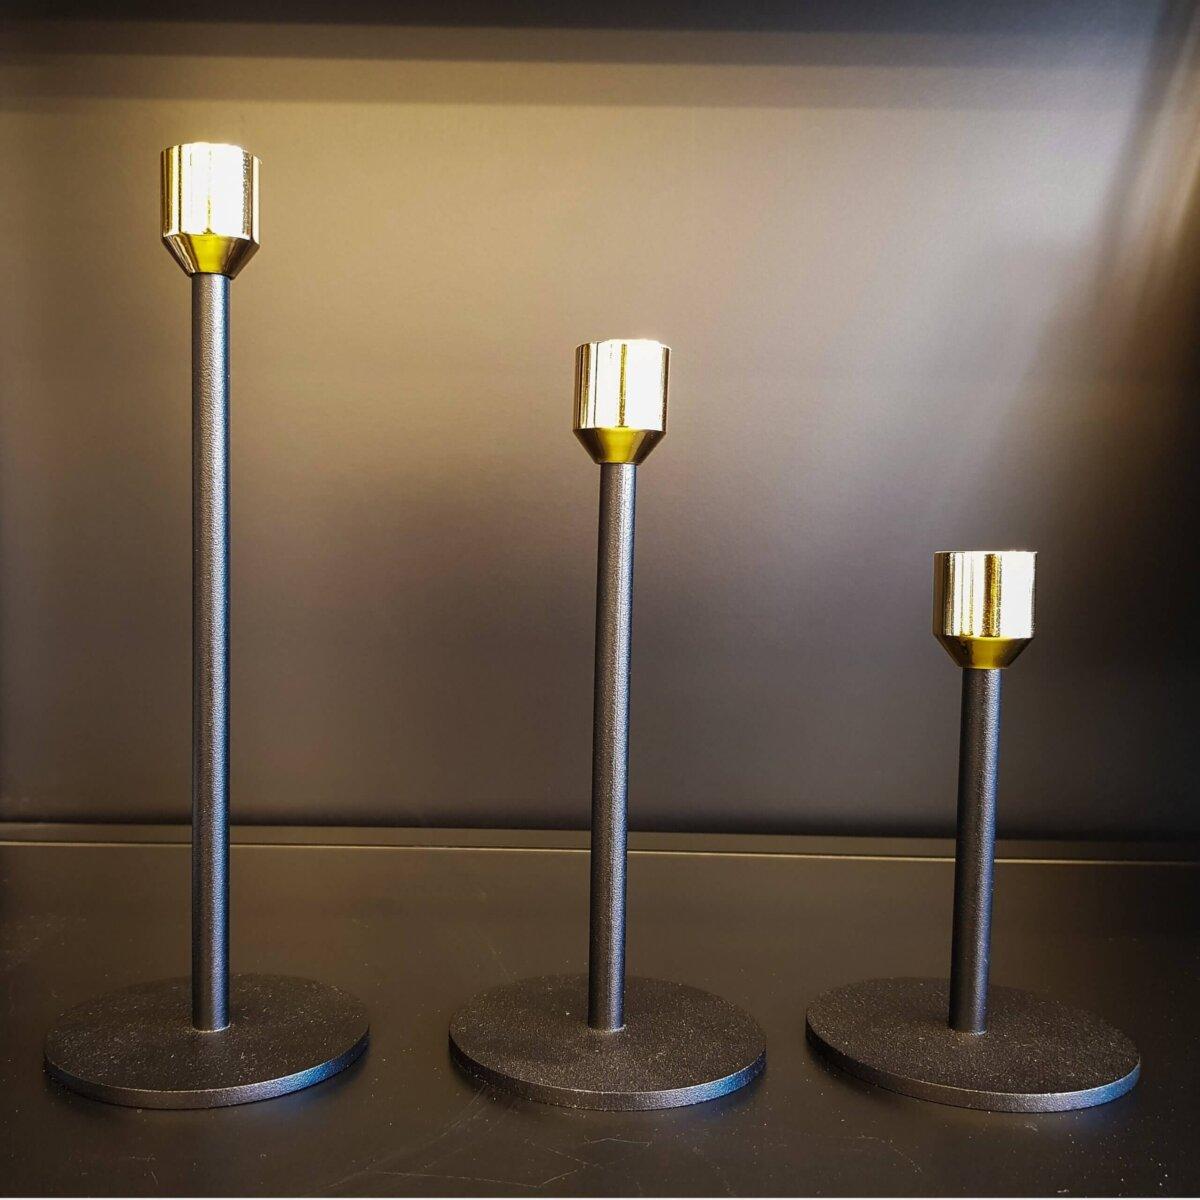 Dekoratif  Mumluk Üçlü Metal Siyah Şamdan Seti Dekoratif Ürünler